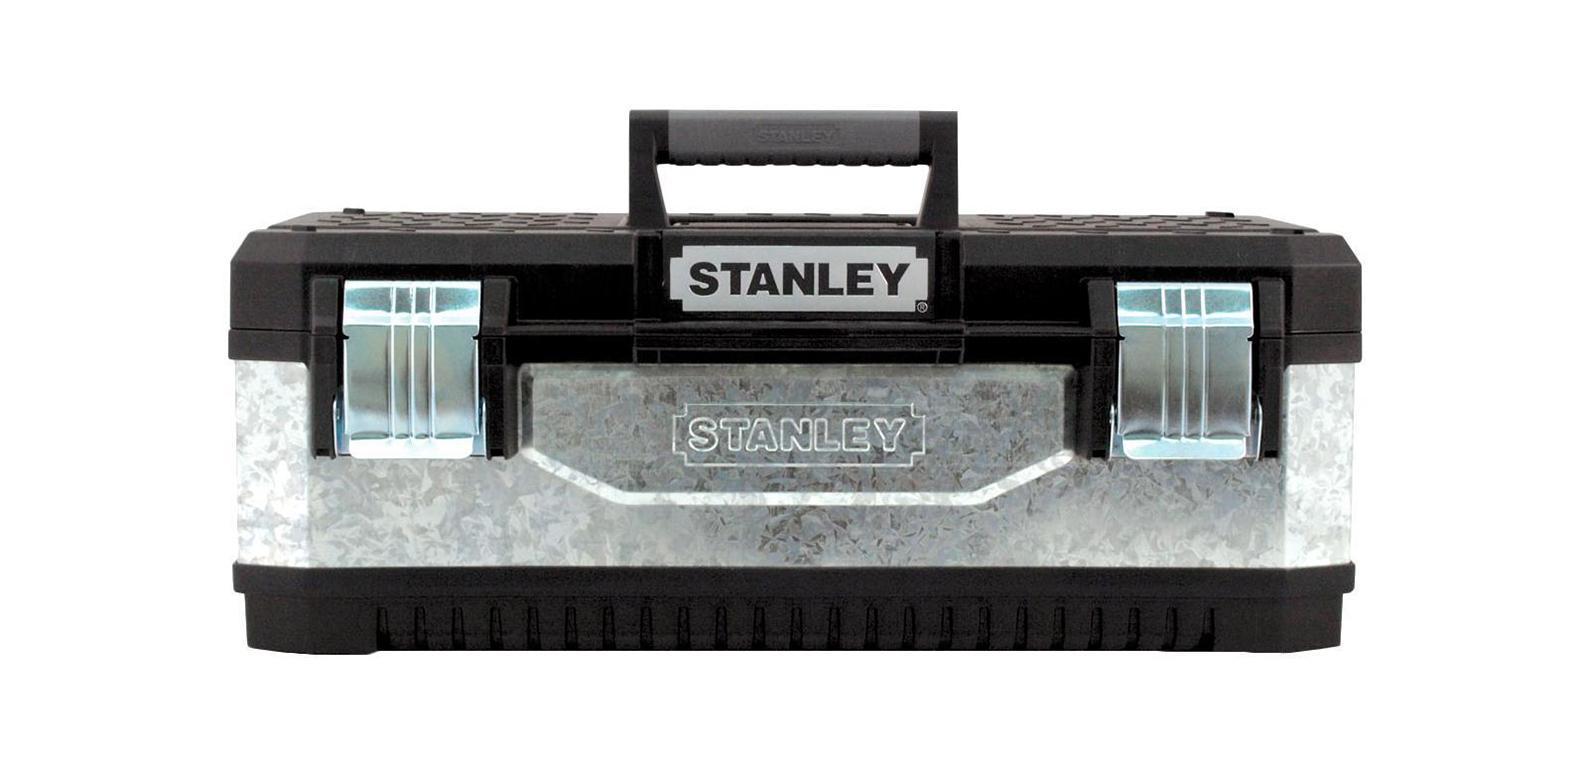 Ящик для инструмента Stanley, 201-95-618Ящик для инструмента профессиональный Stanley металлопластмассовый гальванизированный. - Одна длинная металлическая петля для усиления конструкции и возможности переноски большого веса - Большие прочные металлические с защитой от коррозии замки - Эргономичная ручка из двух материалов - Вместительный металлический корпус 3-х наиболее востребованных размеров - V-образный паз в крышке ящика для удобства расположения детали при пилении - Переносной лоток для транспортировки инструмента и мелких деталей - Отверстия в замках для возможности использования навесного замка для максимальной защиты инструмента. Характеристики: Материал: пластик, металл. Размеры ящика: 48 см х 24 см х 16 см. Размеры лотка:38 см х 23 см х 3 см. Глубина ящика:16 см. Размеры упаковки:49,7 см х 29,3 см х 22,2 см.